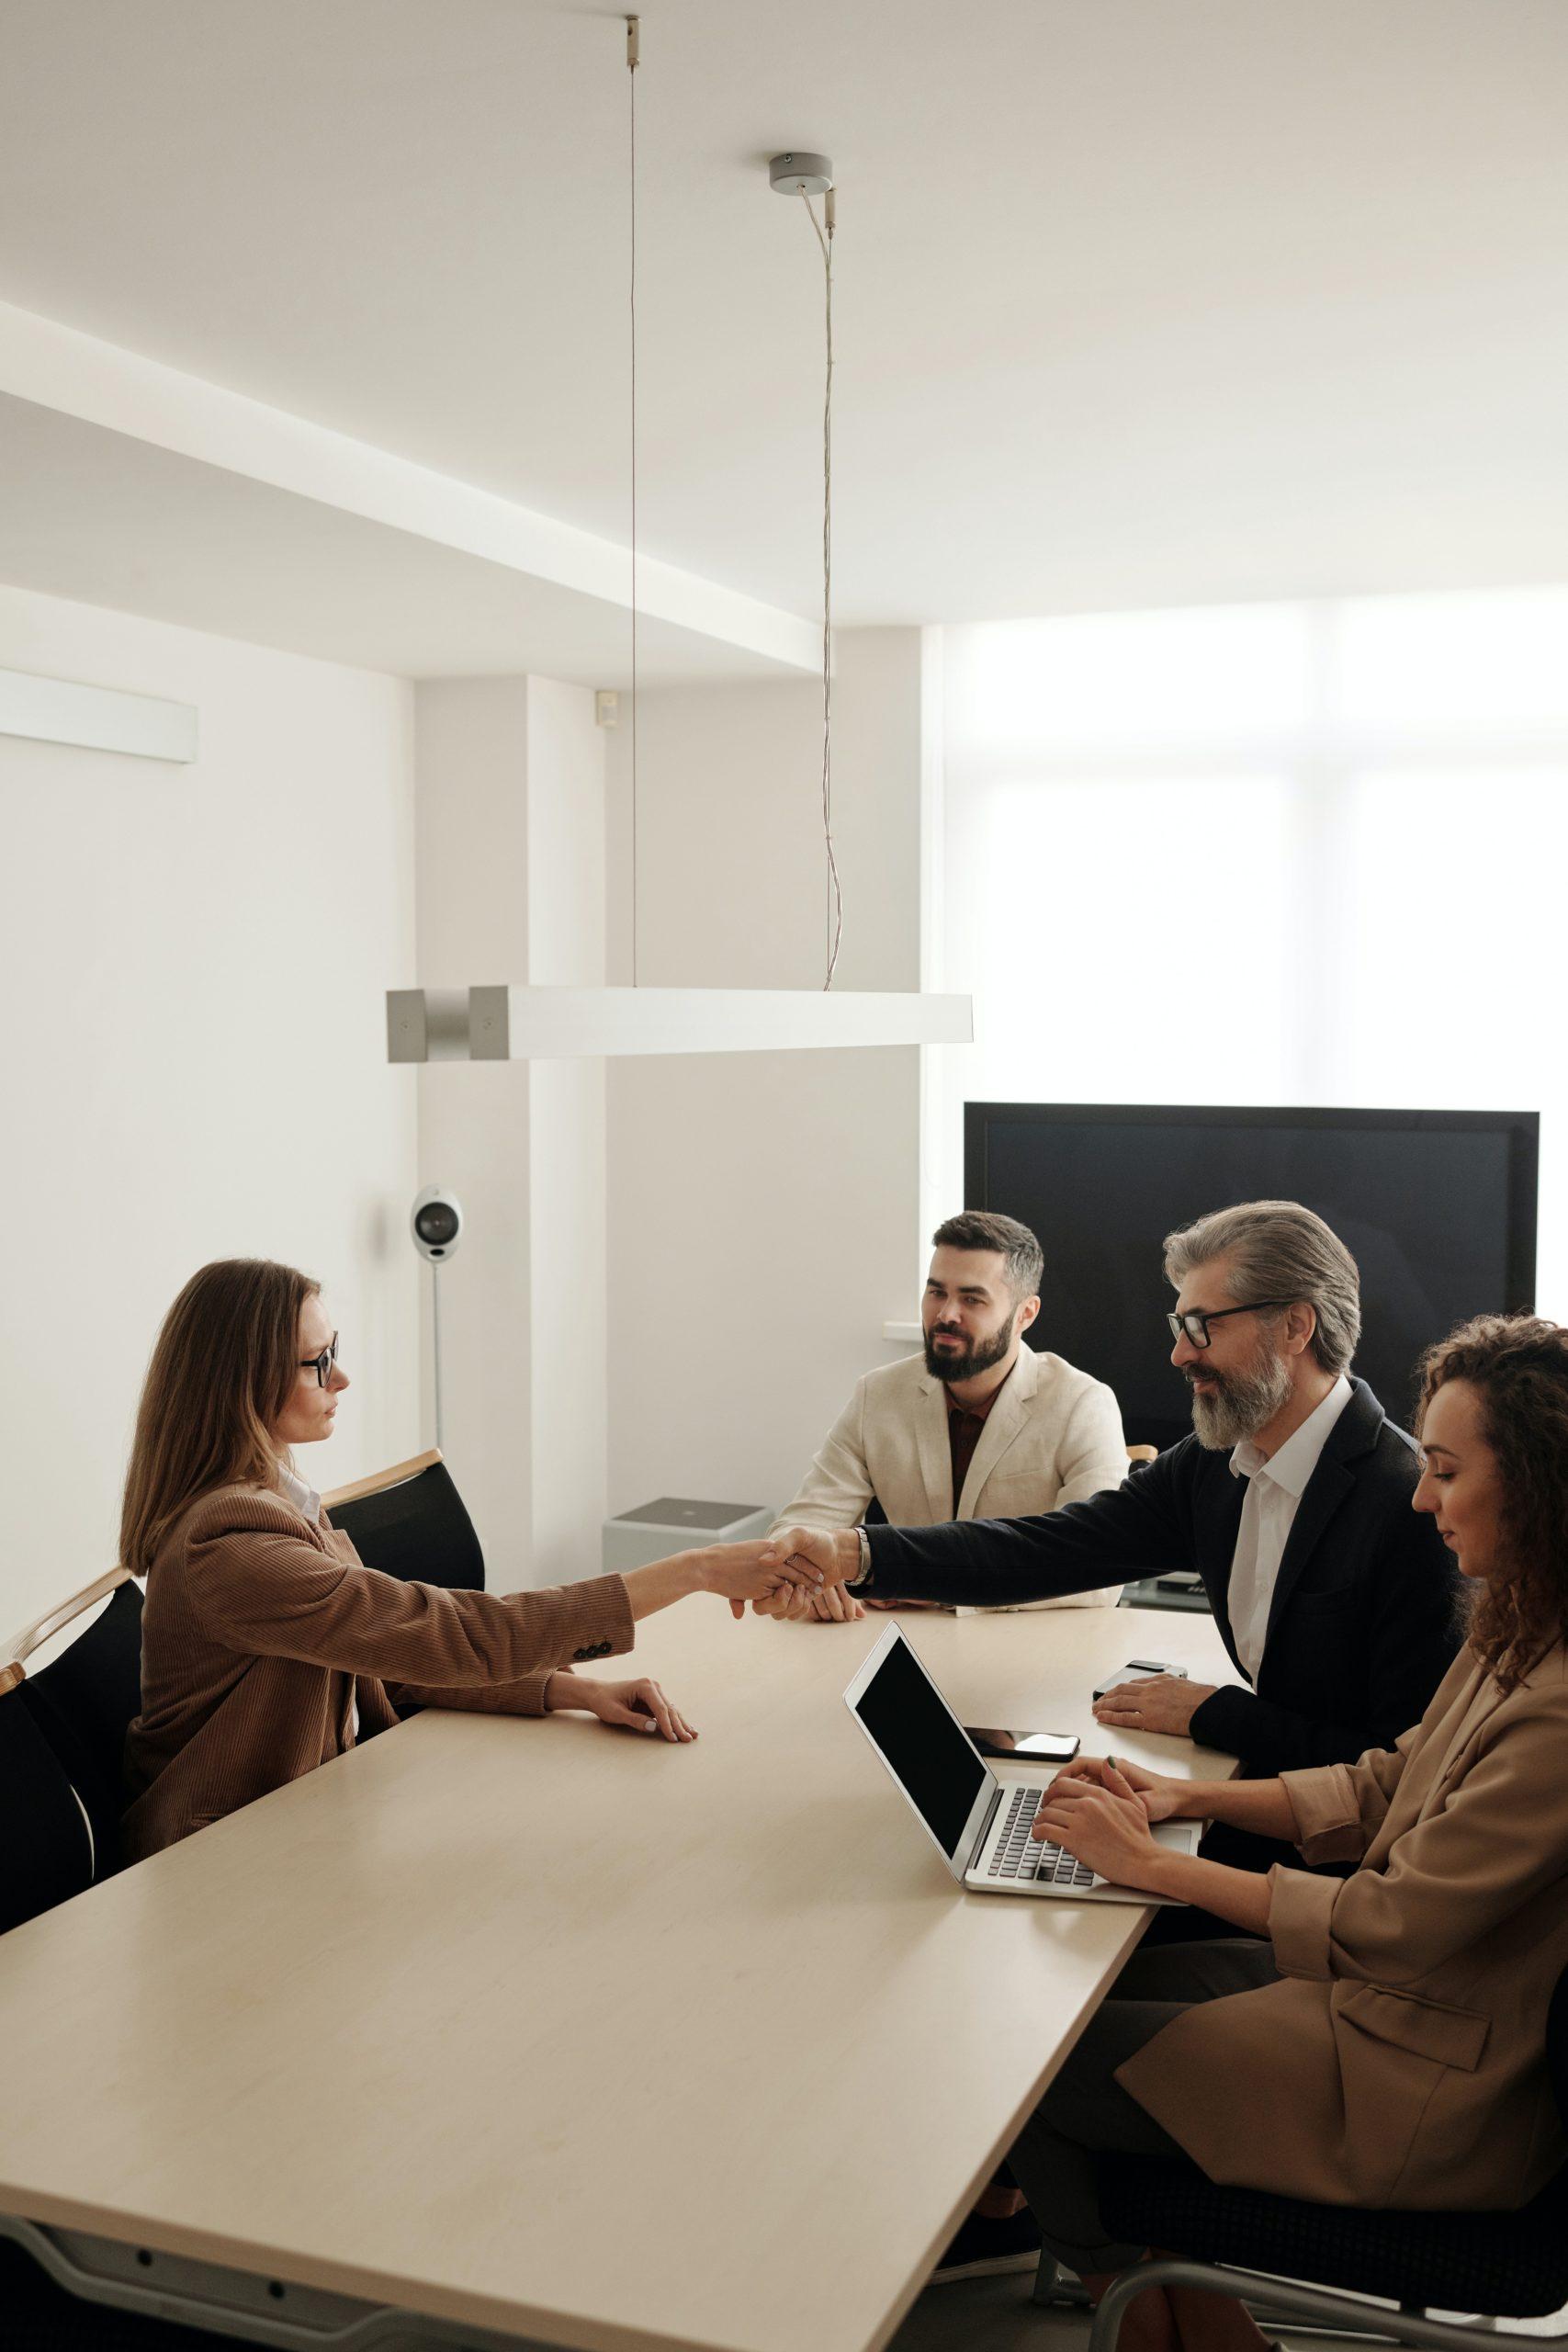 Résultat obtenus mission de finance, remplacement en attendant un recrutement